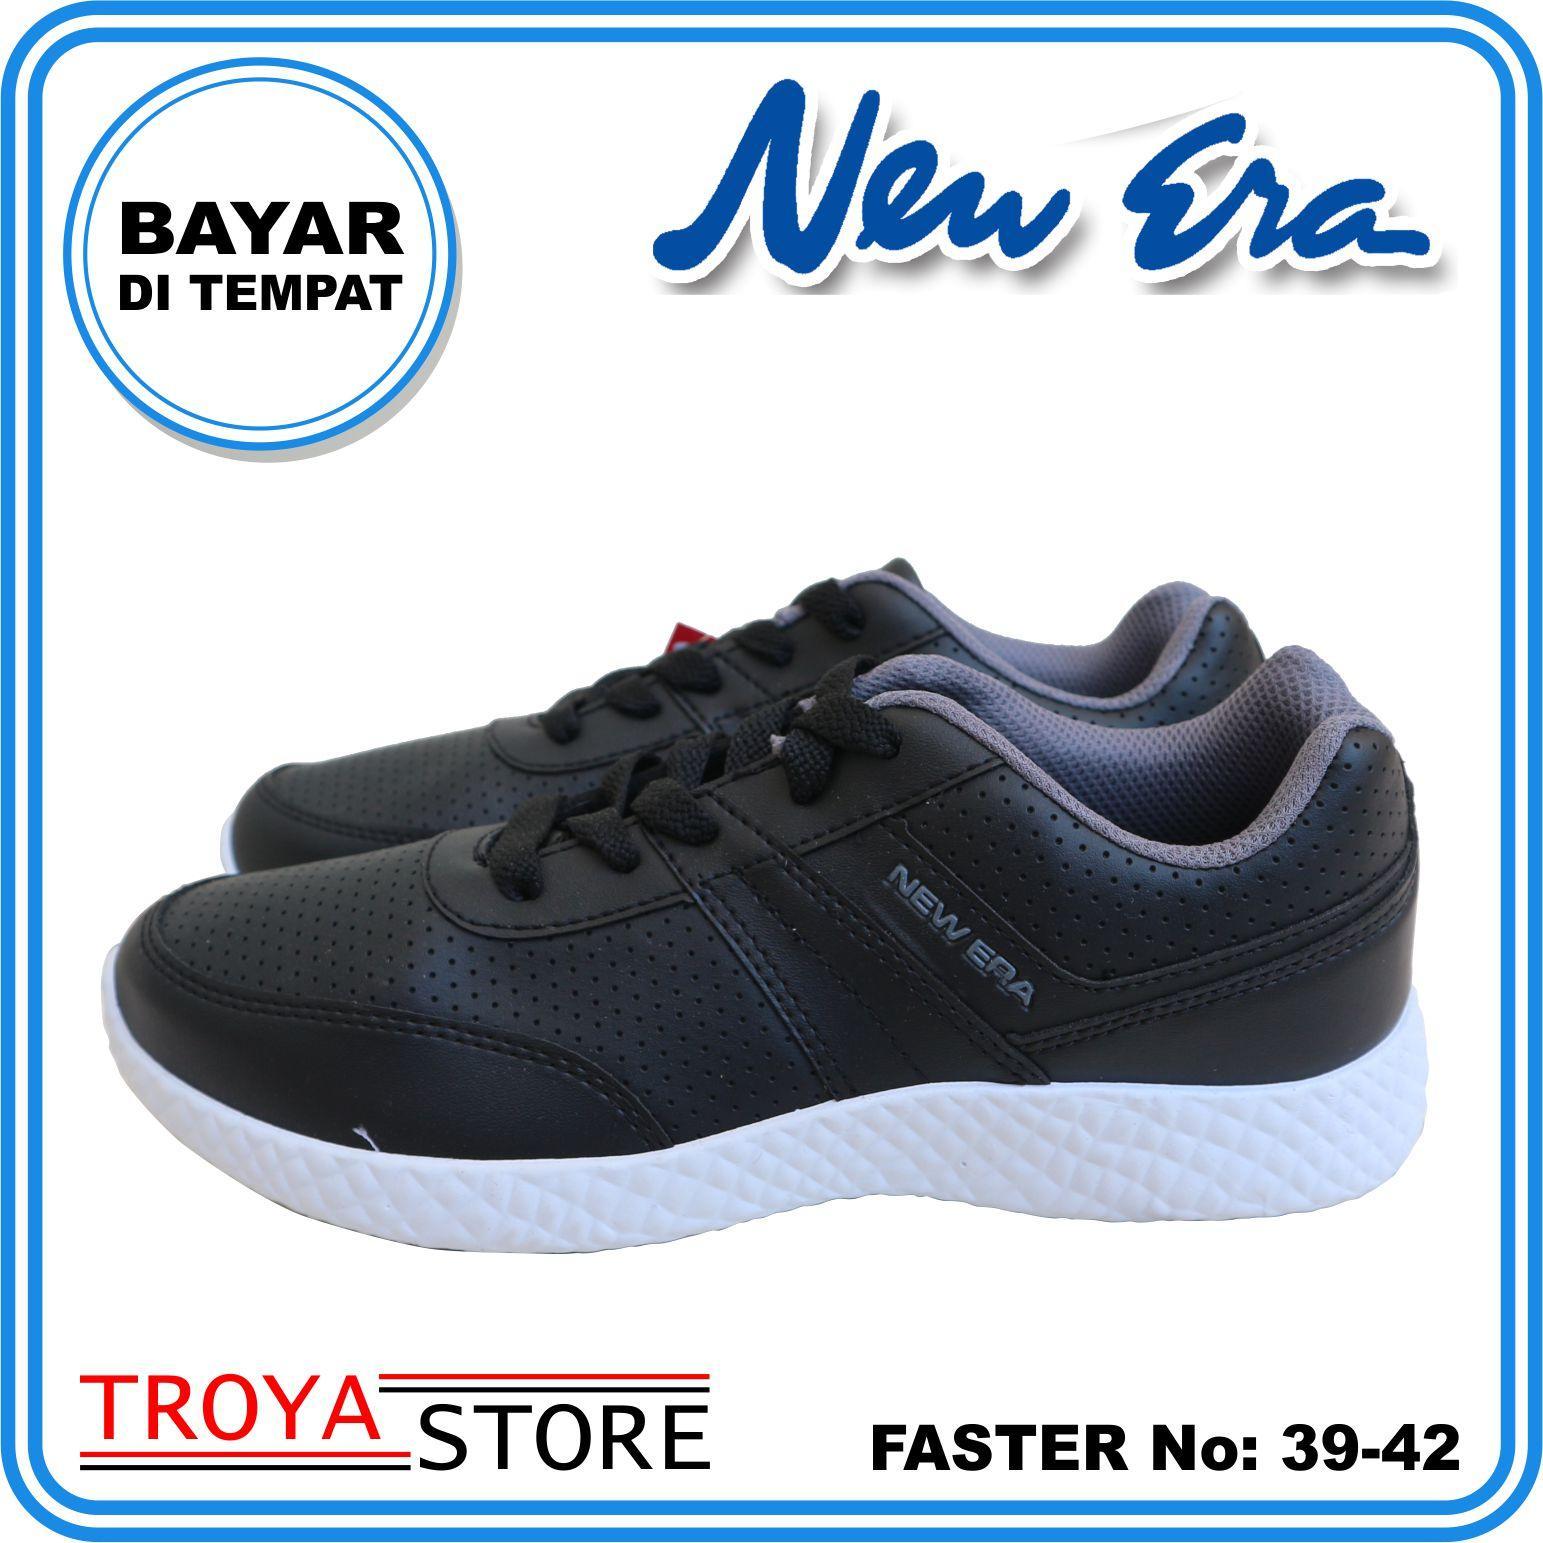 troya – new era sepatu badminton faster 39-42 putih white hitam / sepatu lari pria sporty / sneakers badminton pria  berkualitas shsm / joging santai sepatupria troyastore